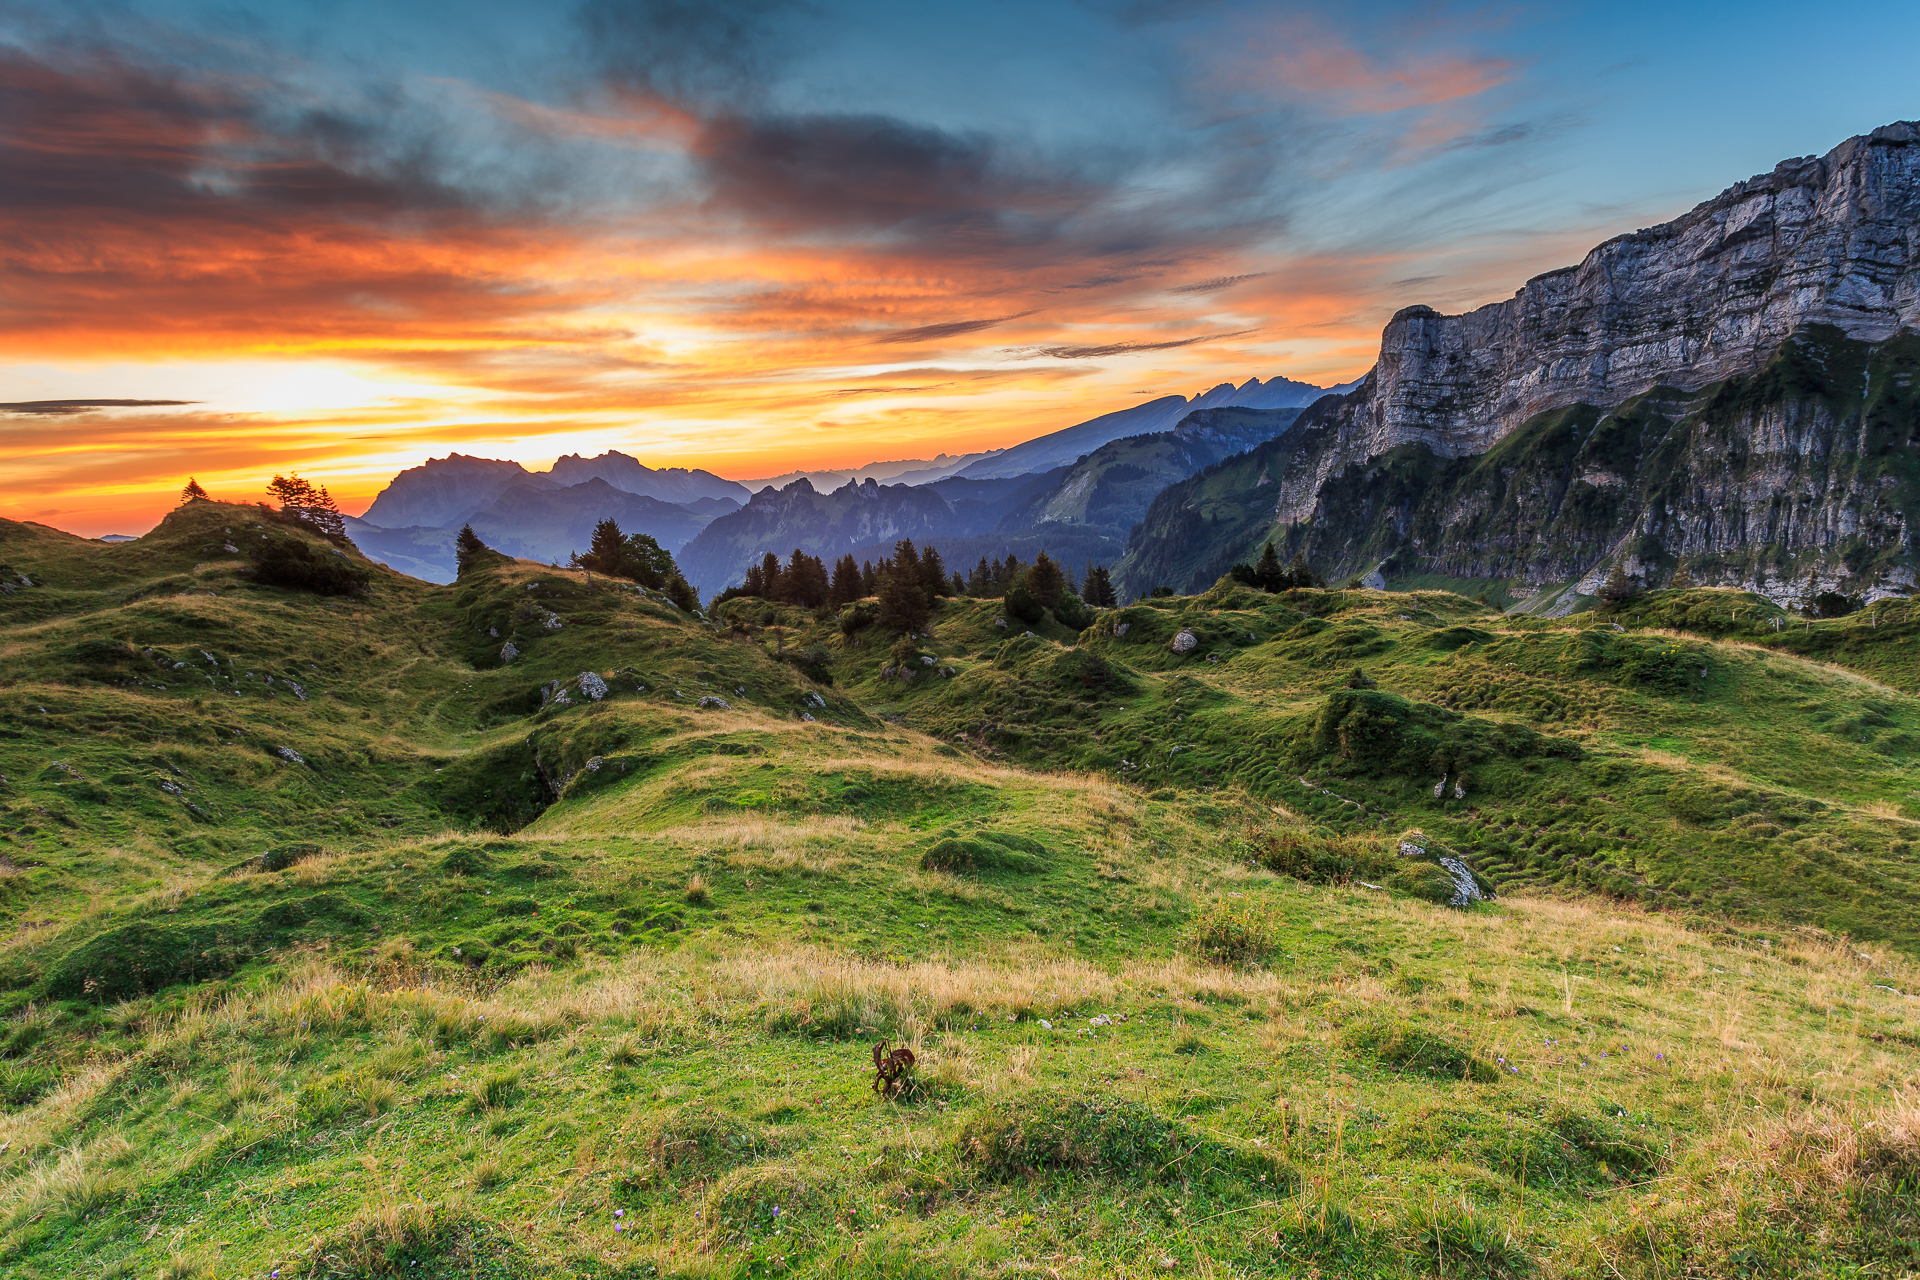 Sonnenaufgang-Mattstock